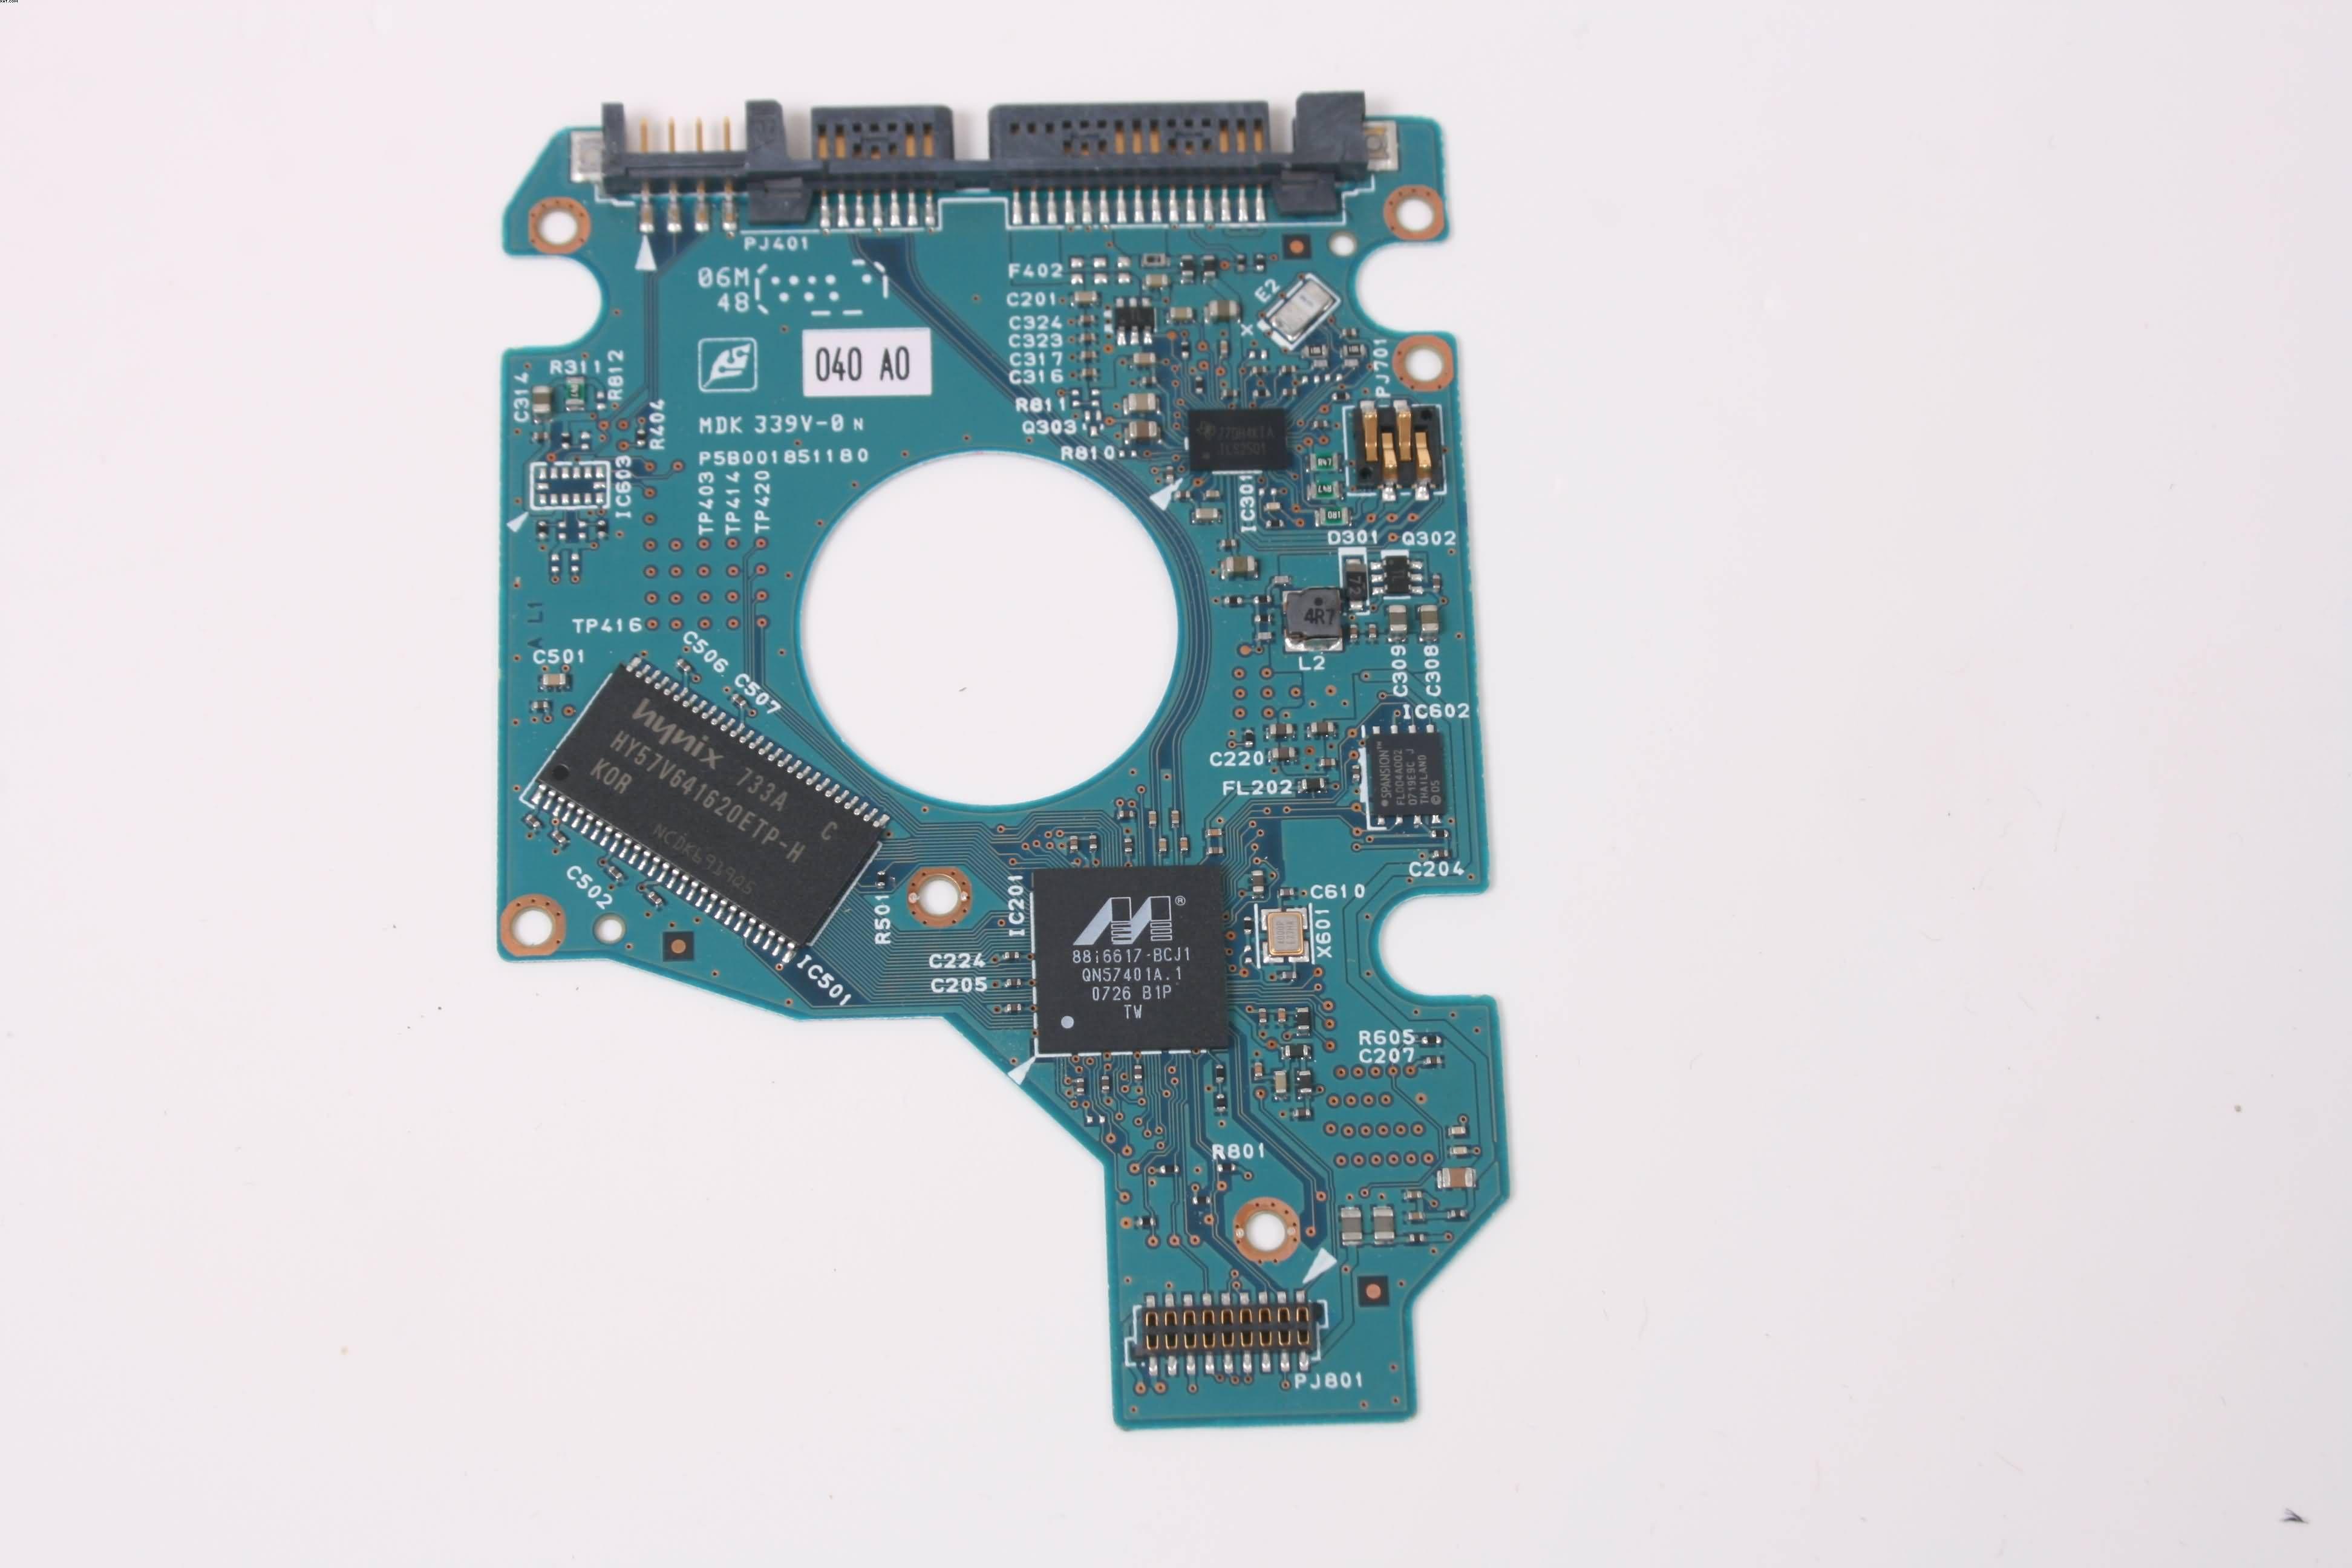 TOSHIBA MK1237GSX 120GB SATA HARD DRIVE PCB BOARD ONLY FOR DATA